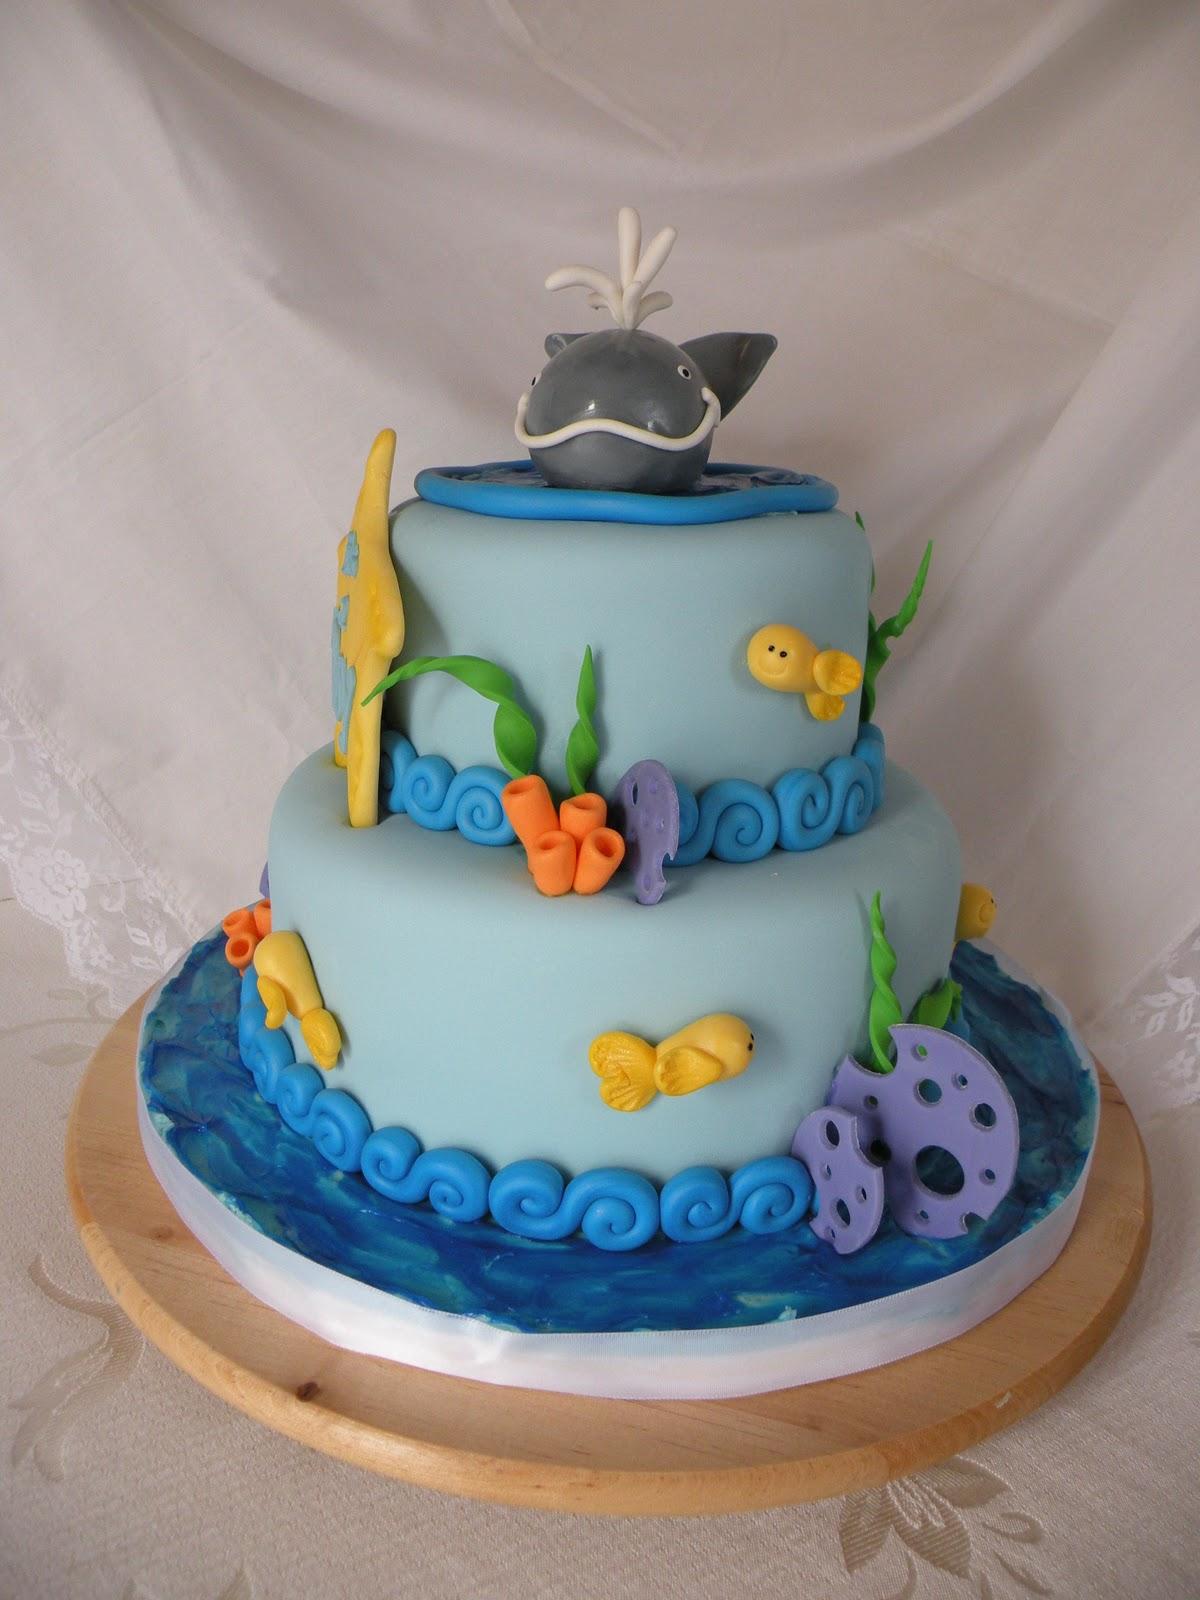 Teresa S Tasty Temptations Whale Themed Baby Shower Cake